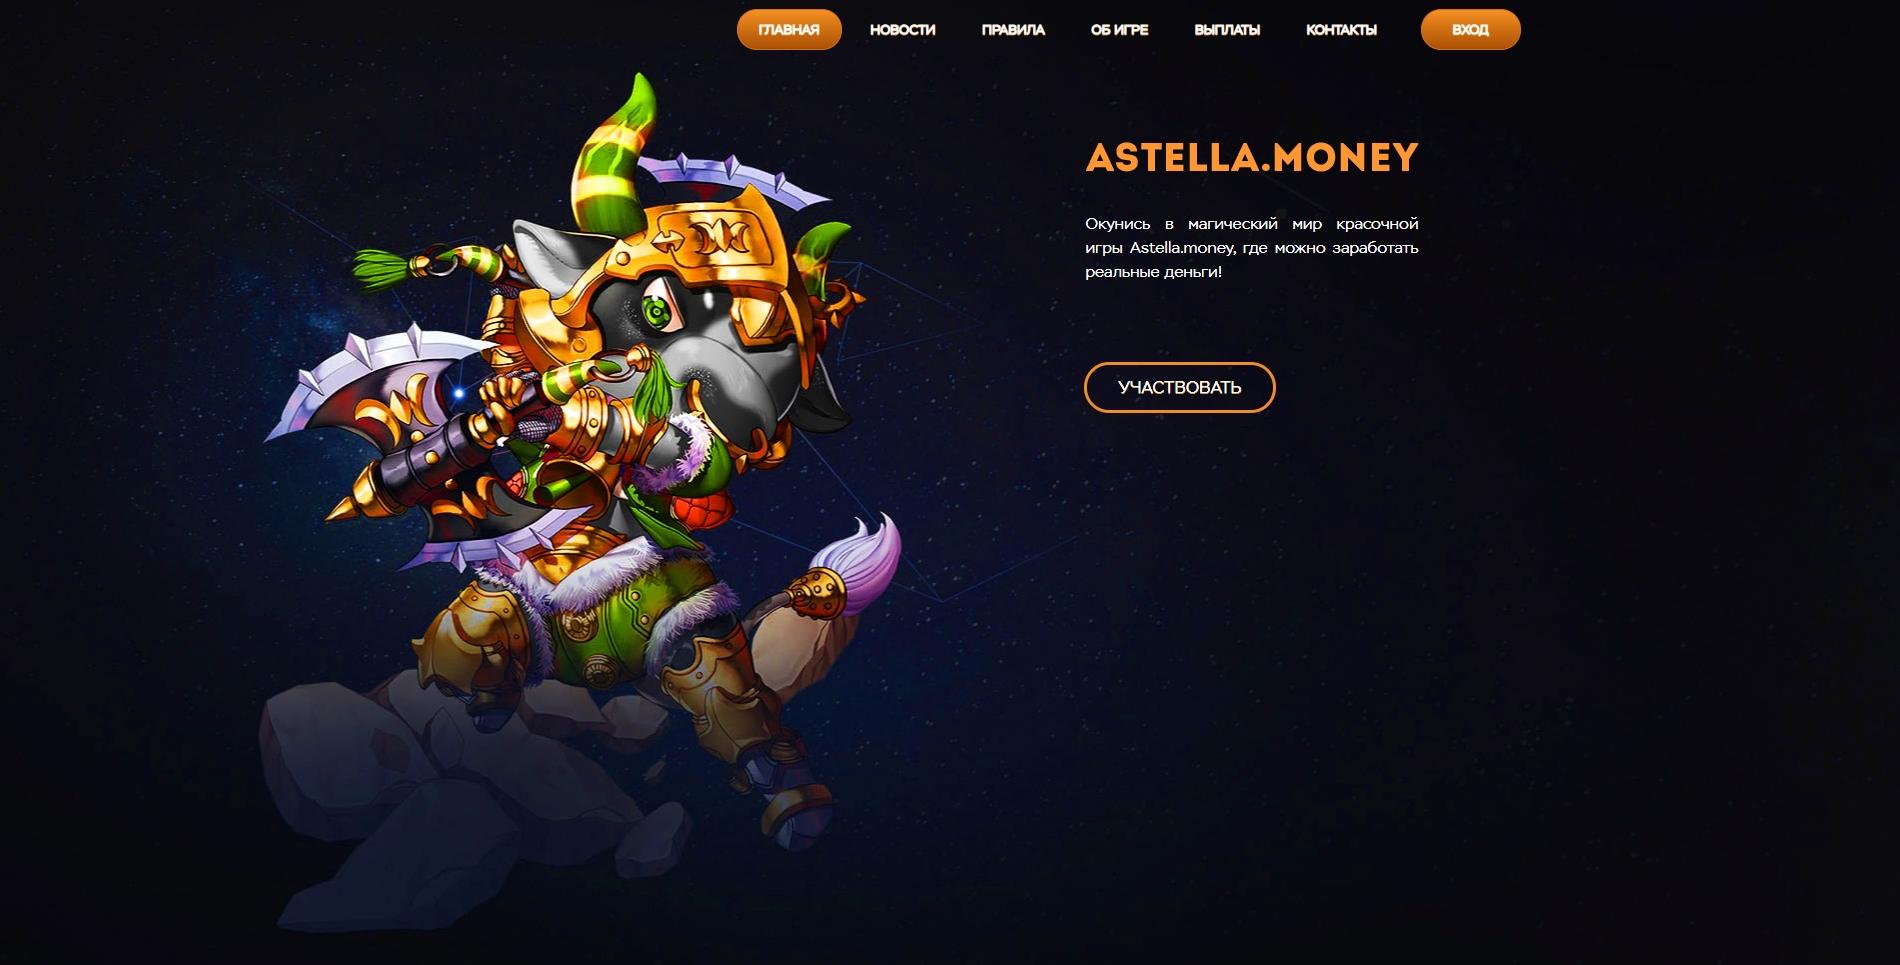 Astella игра с выводом денег